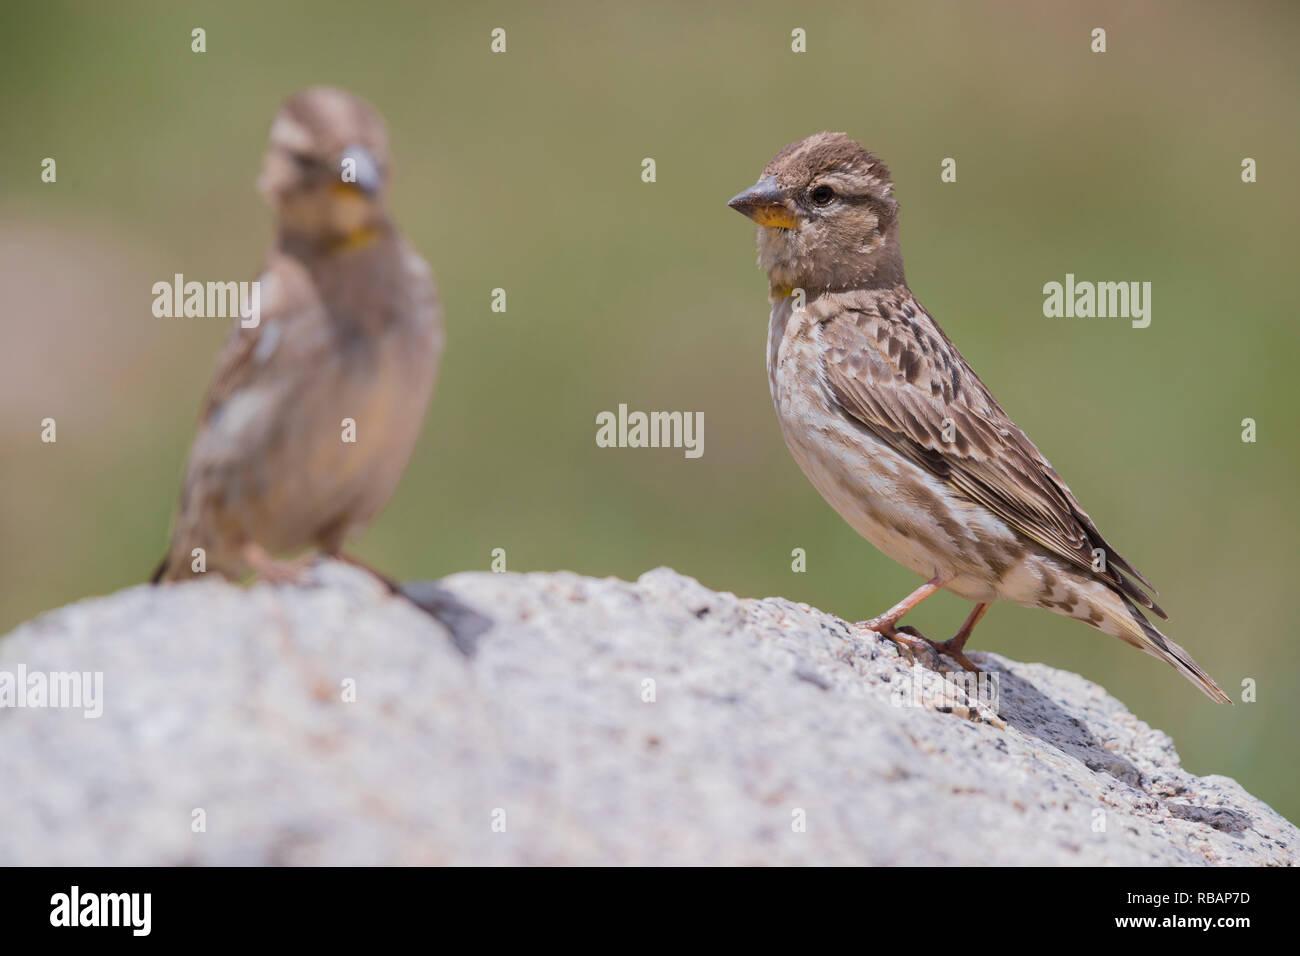 Rock Sparrow (Petronia petronia Barbara), zwei Erwachsene stehen auf einem Stein Stockbild